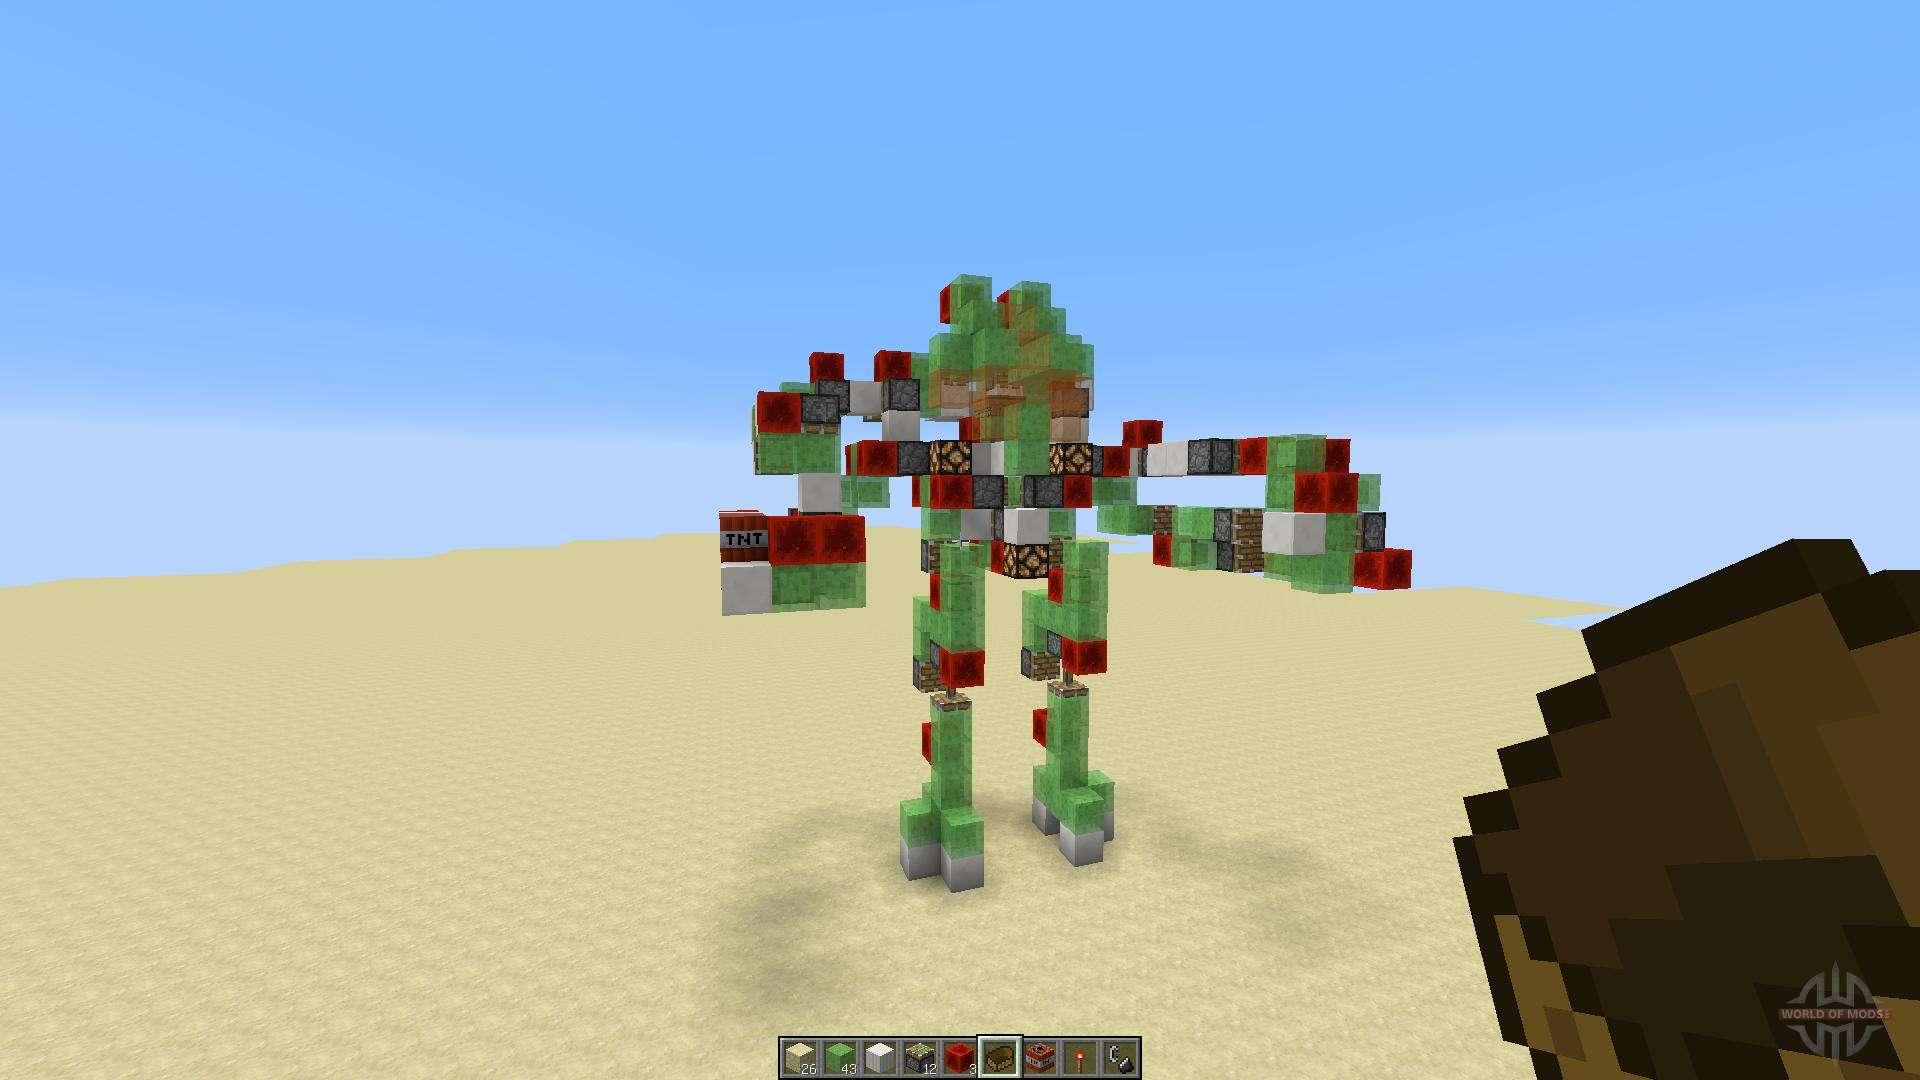 Скачать minecraft 1.7.10 - майнкрафт